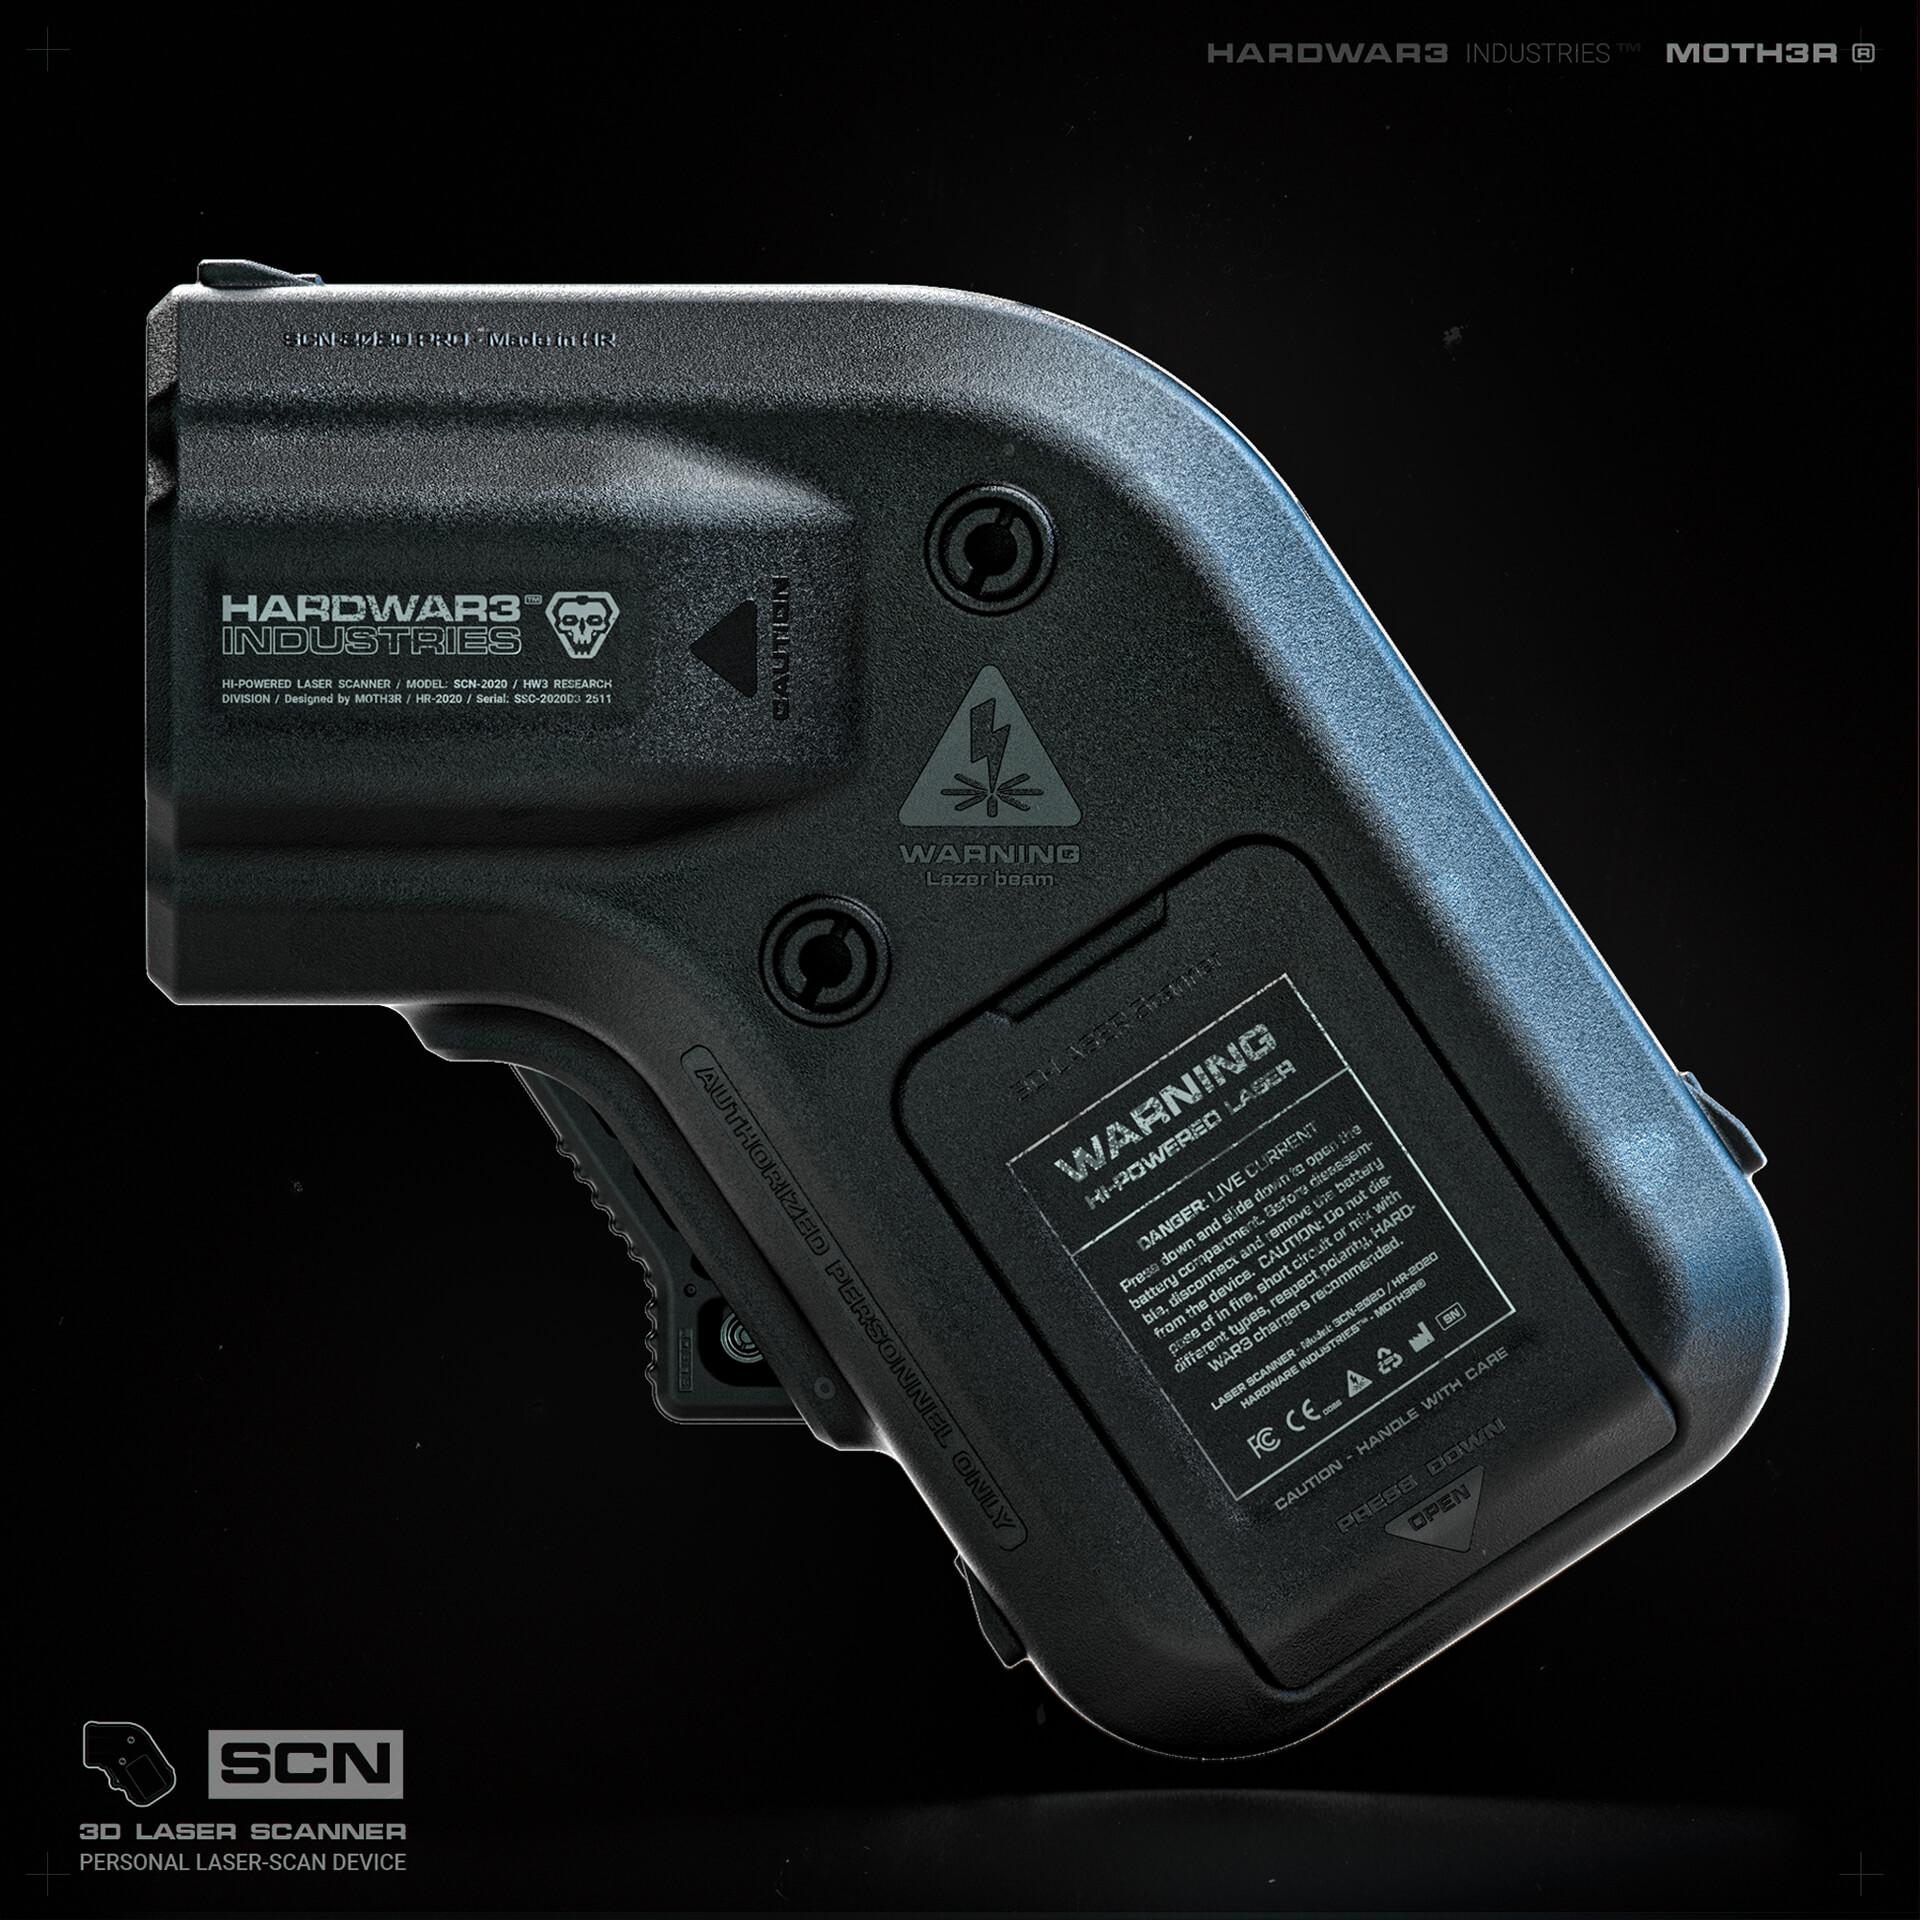 Scanner-001.65